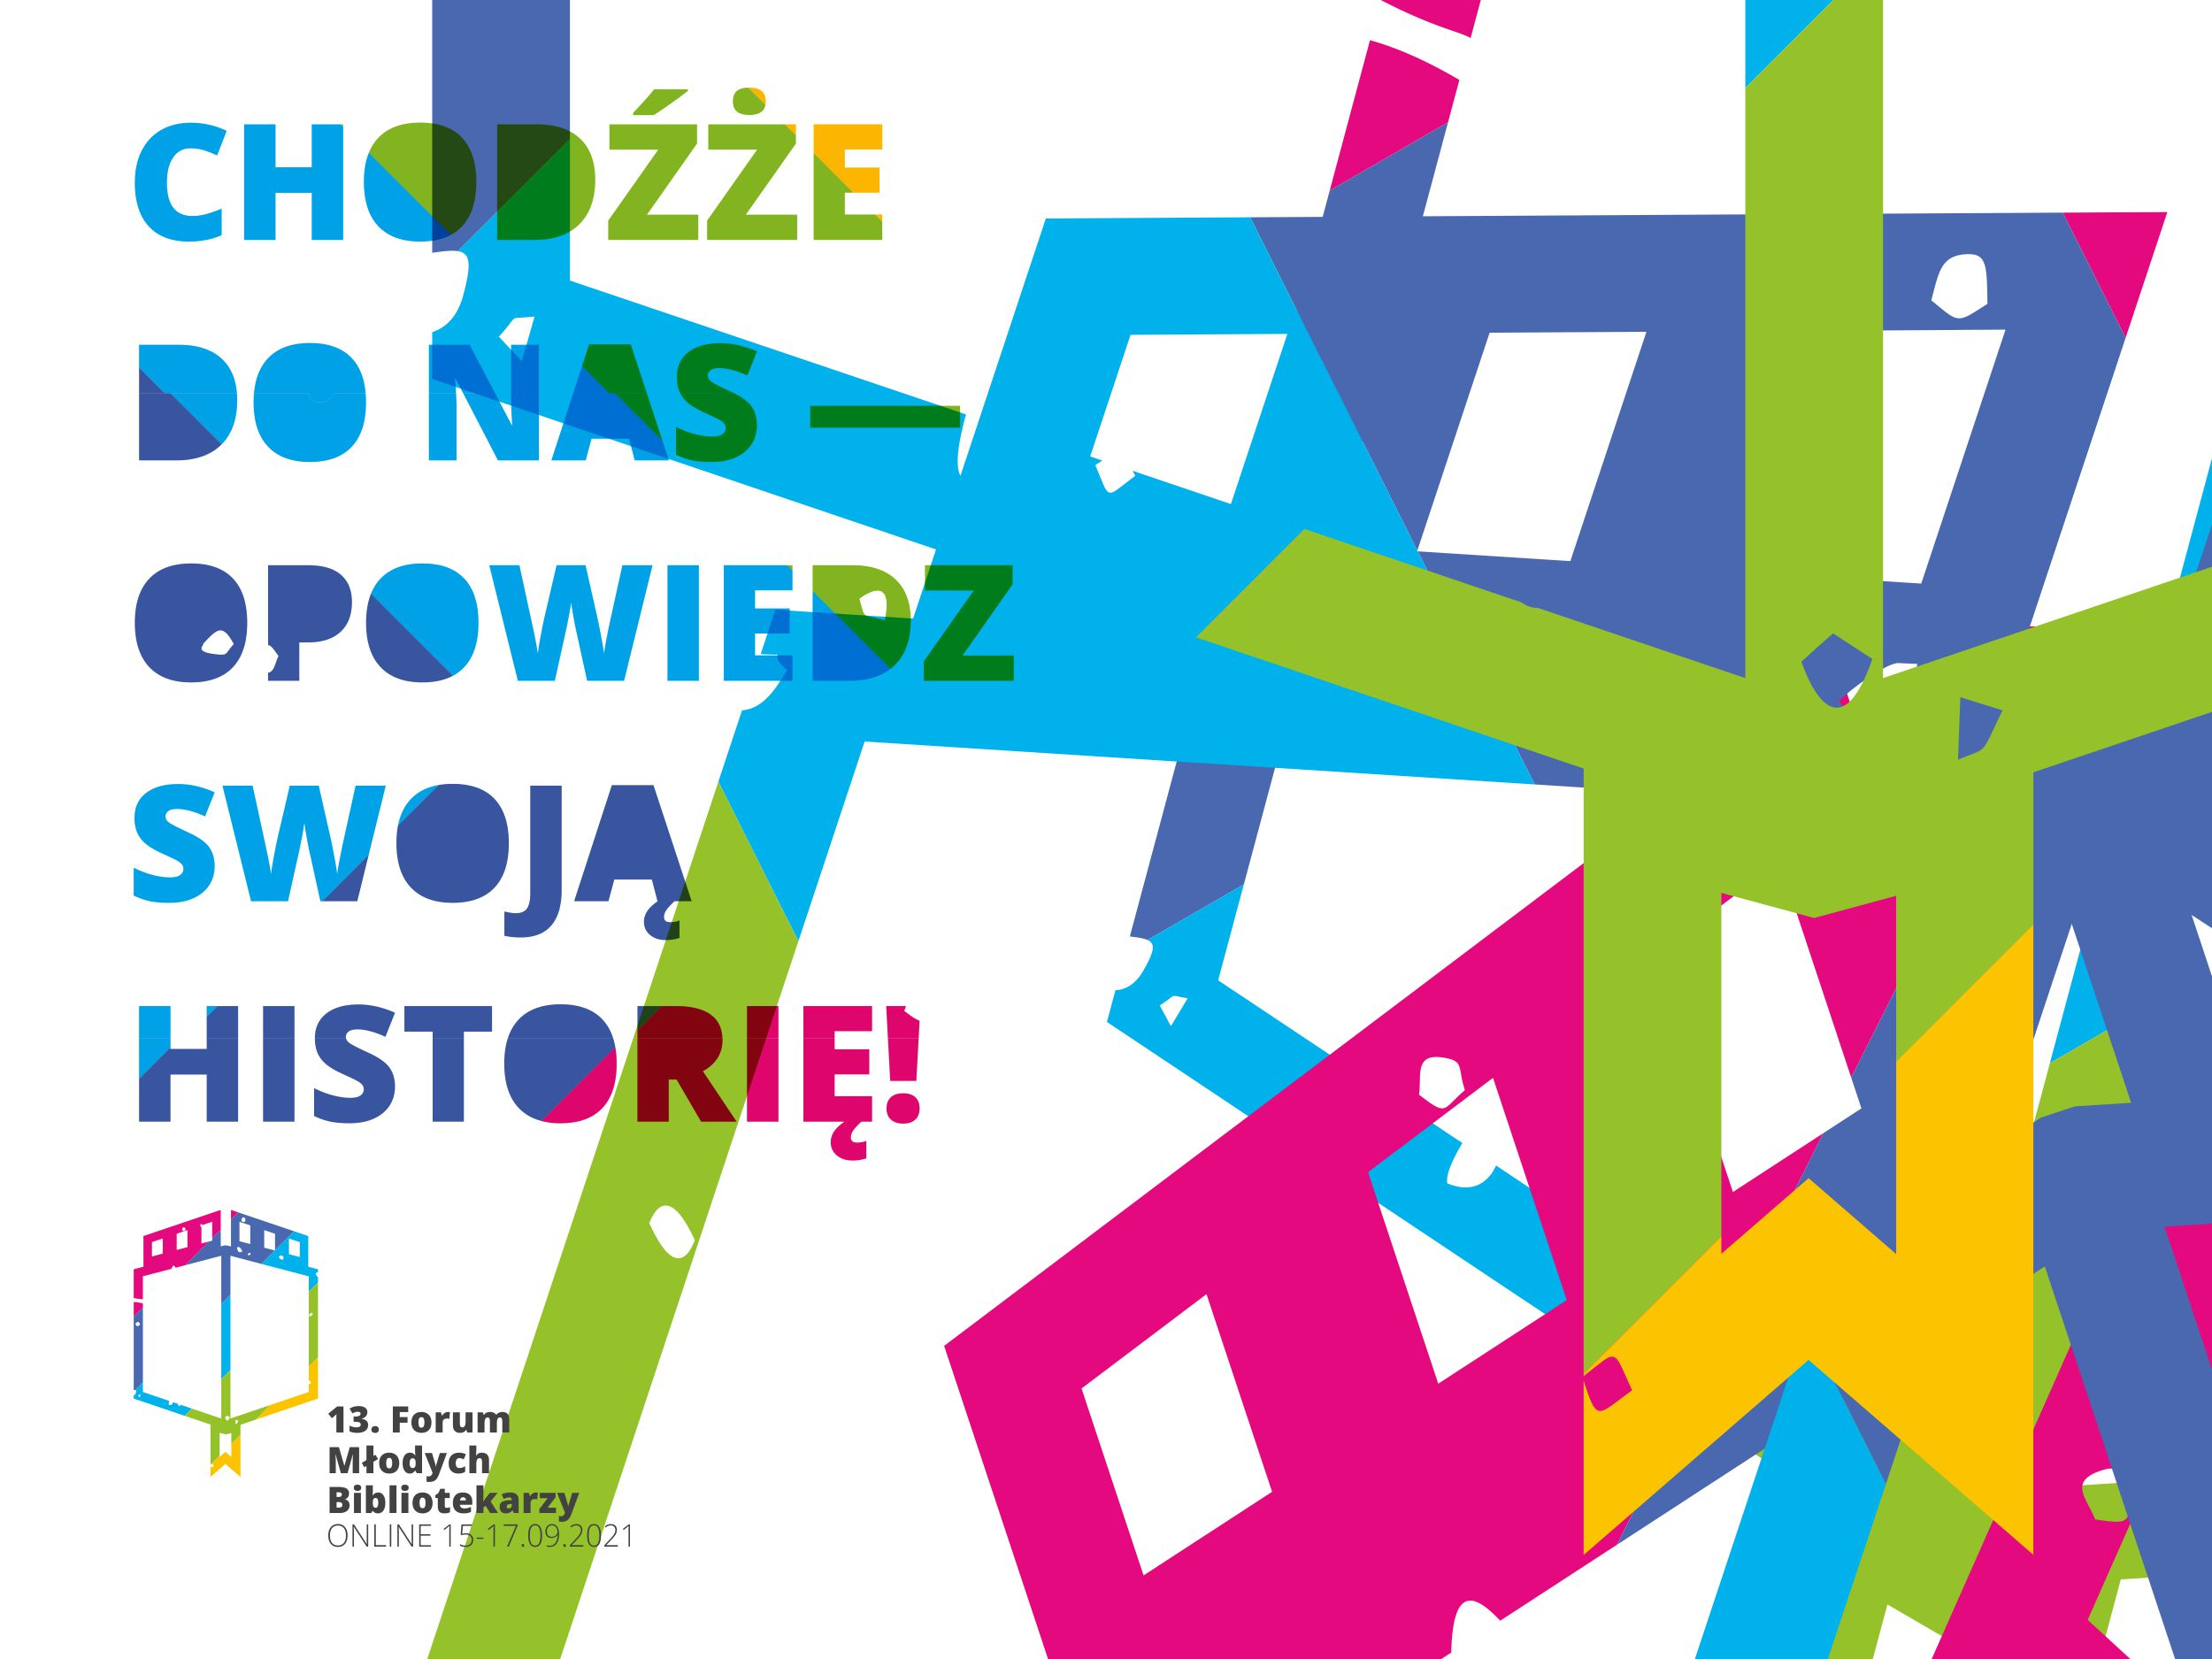 13. Forum Młodych Bibliotekarzy